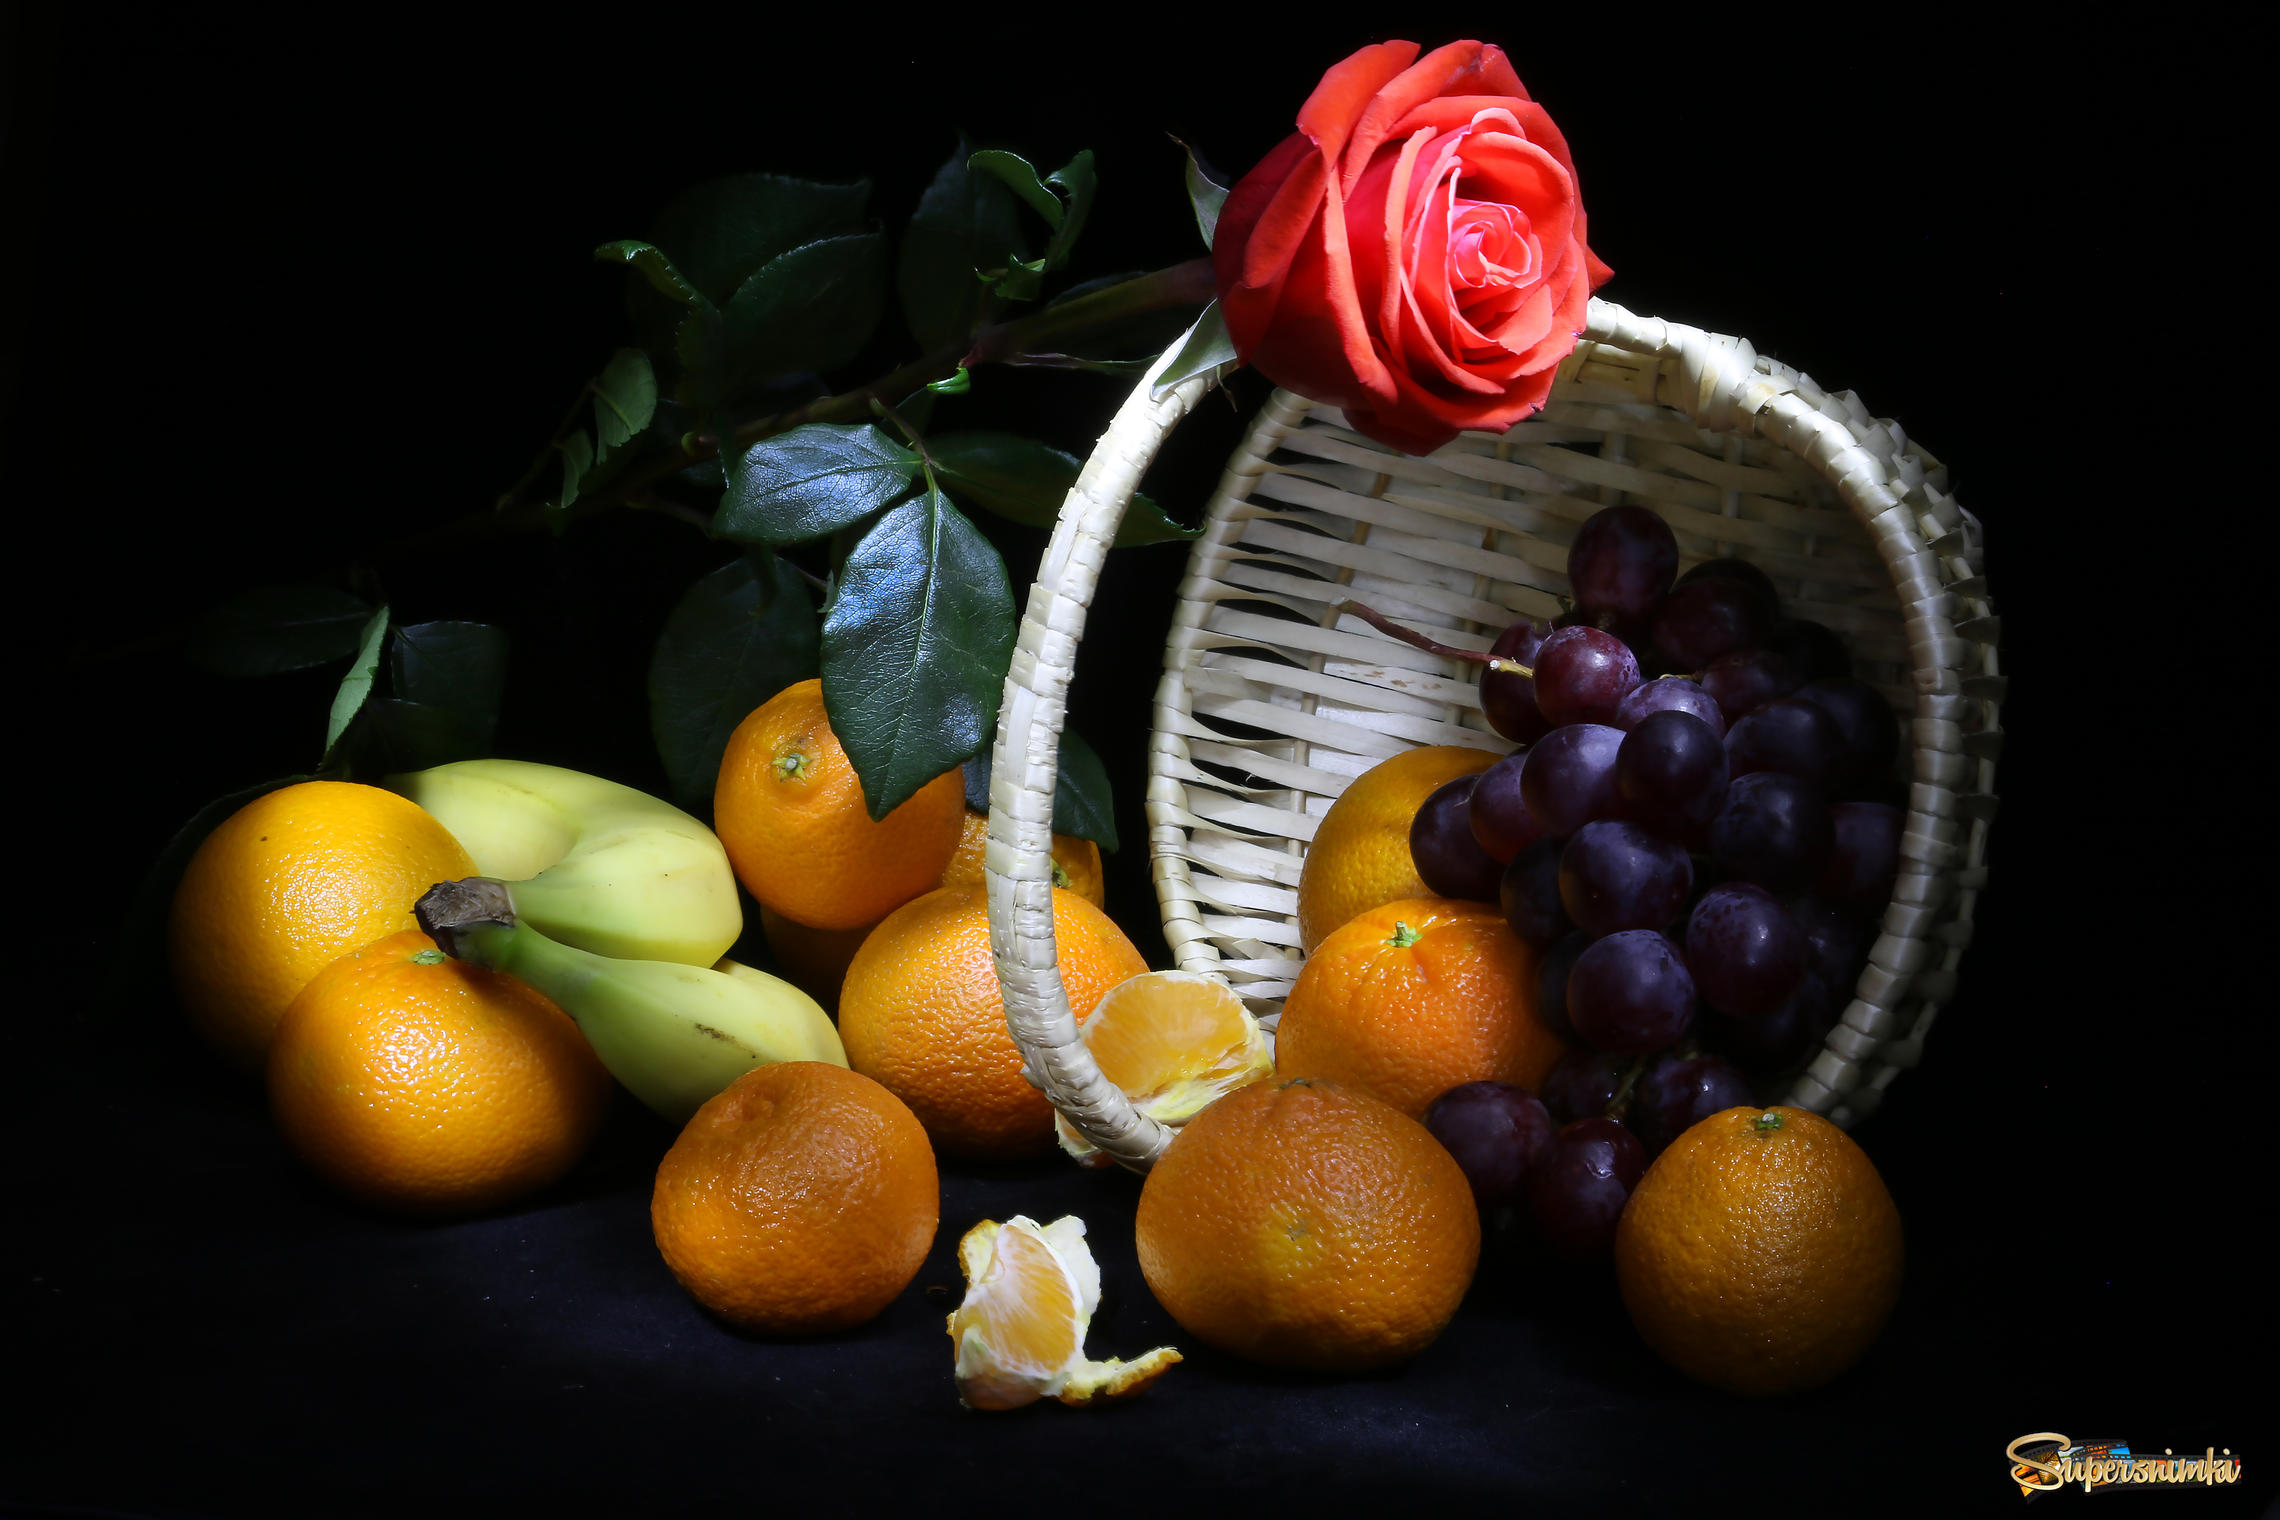 Корзинка с фруктами | Фотосайт СуперСнимки.Ру